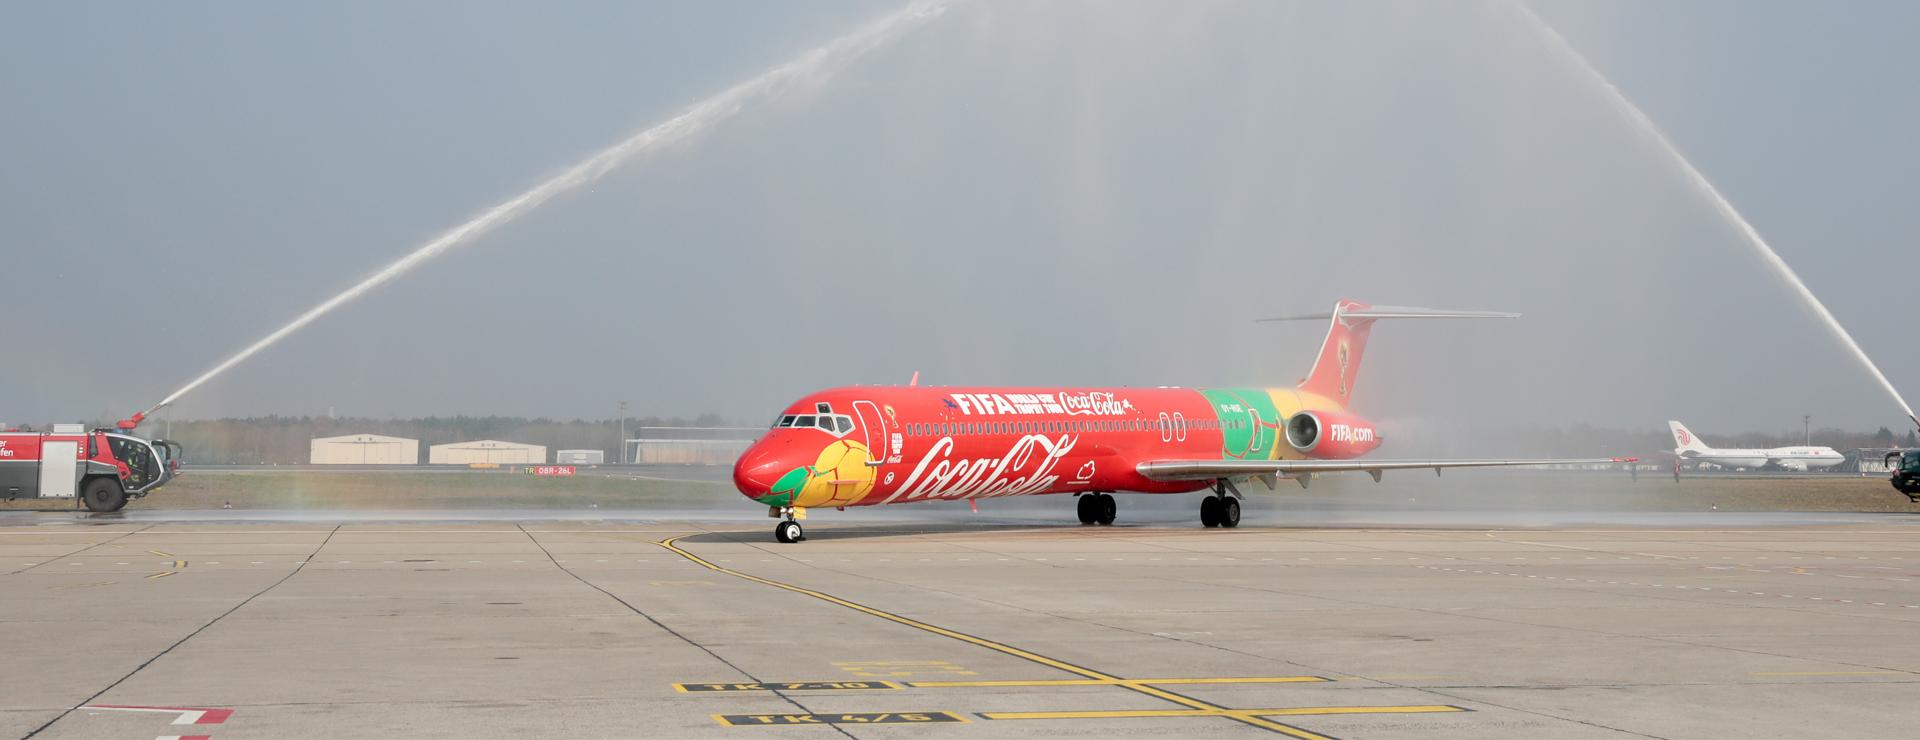 W-com aktiviert FIFA World Cup Trophy Tour by Coca-Cola in Deutschland